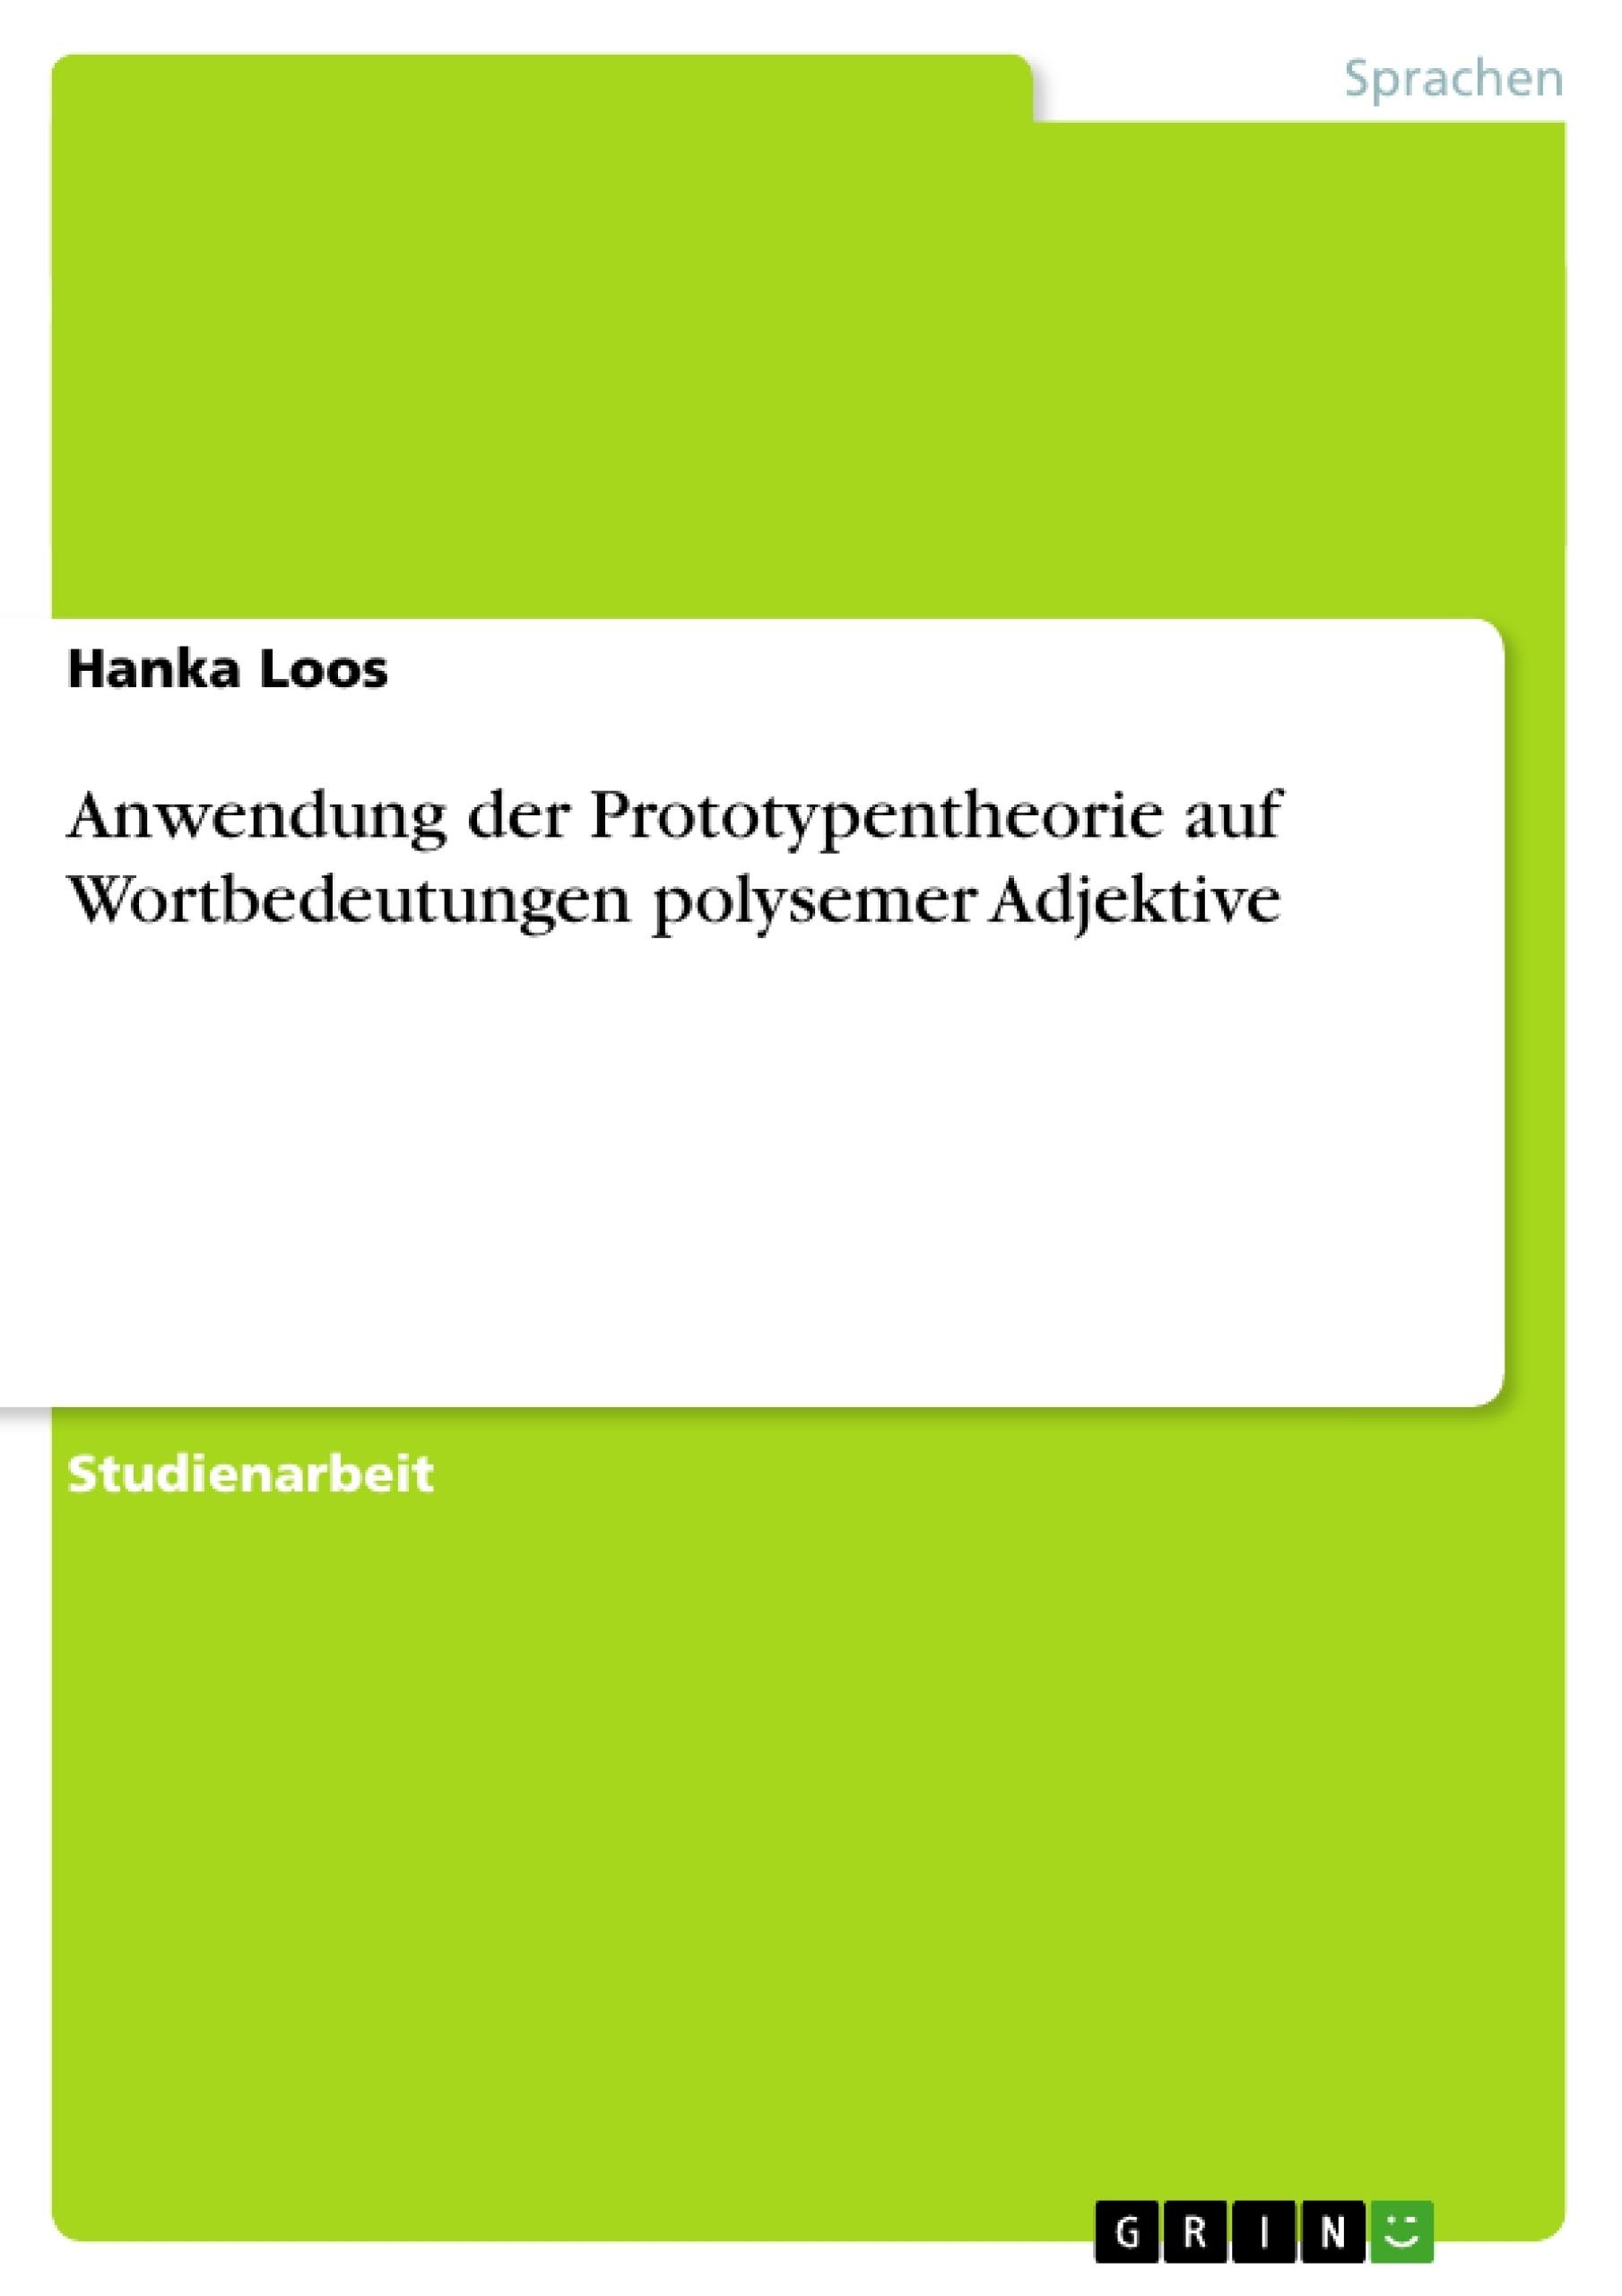 Titel: Anwendung der Prototypentheorie auf Wortbedeutungen polysemer Adjektive